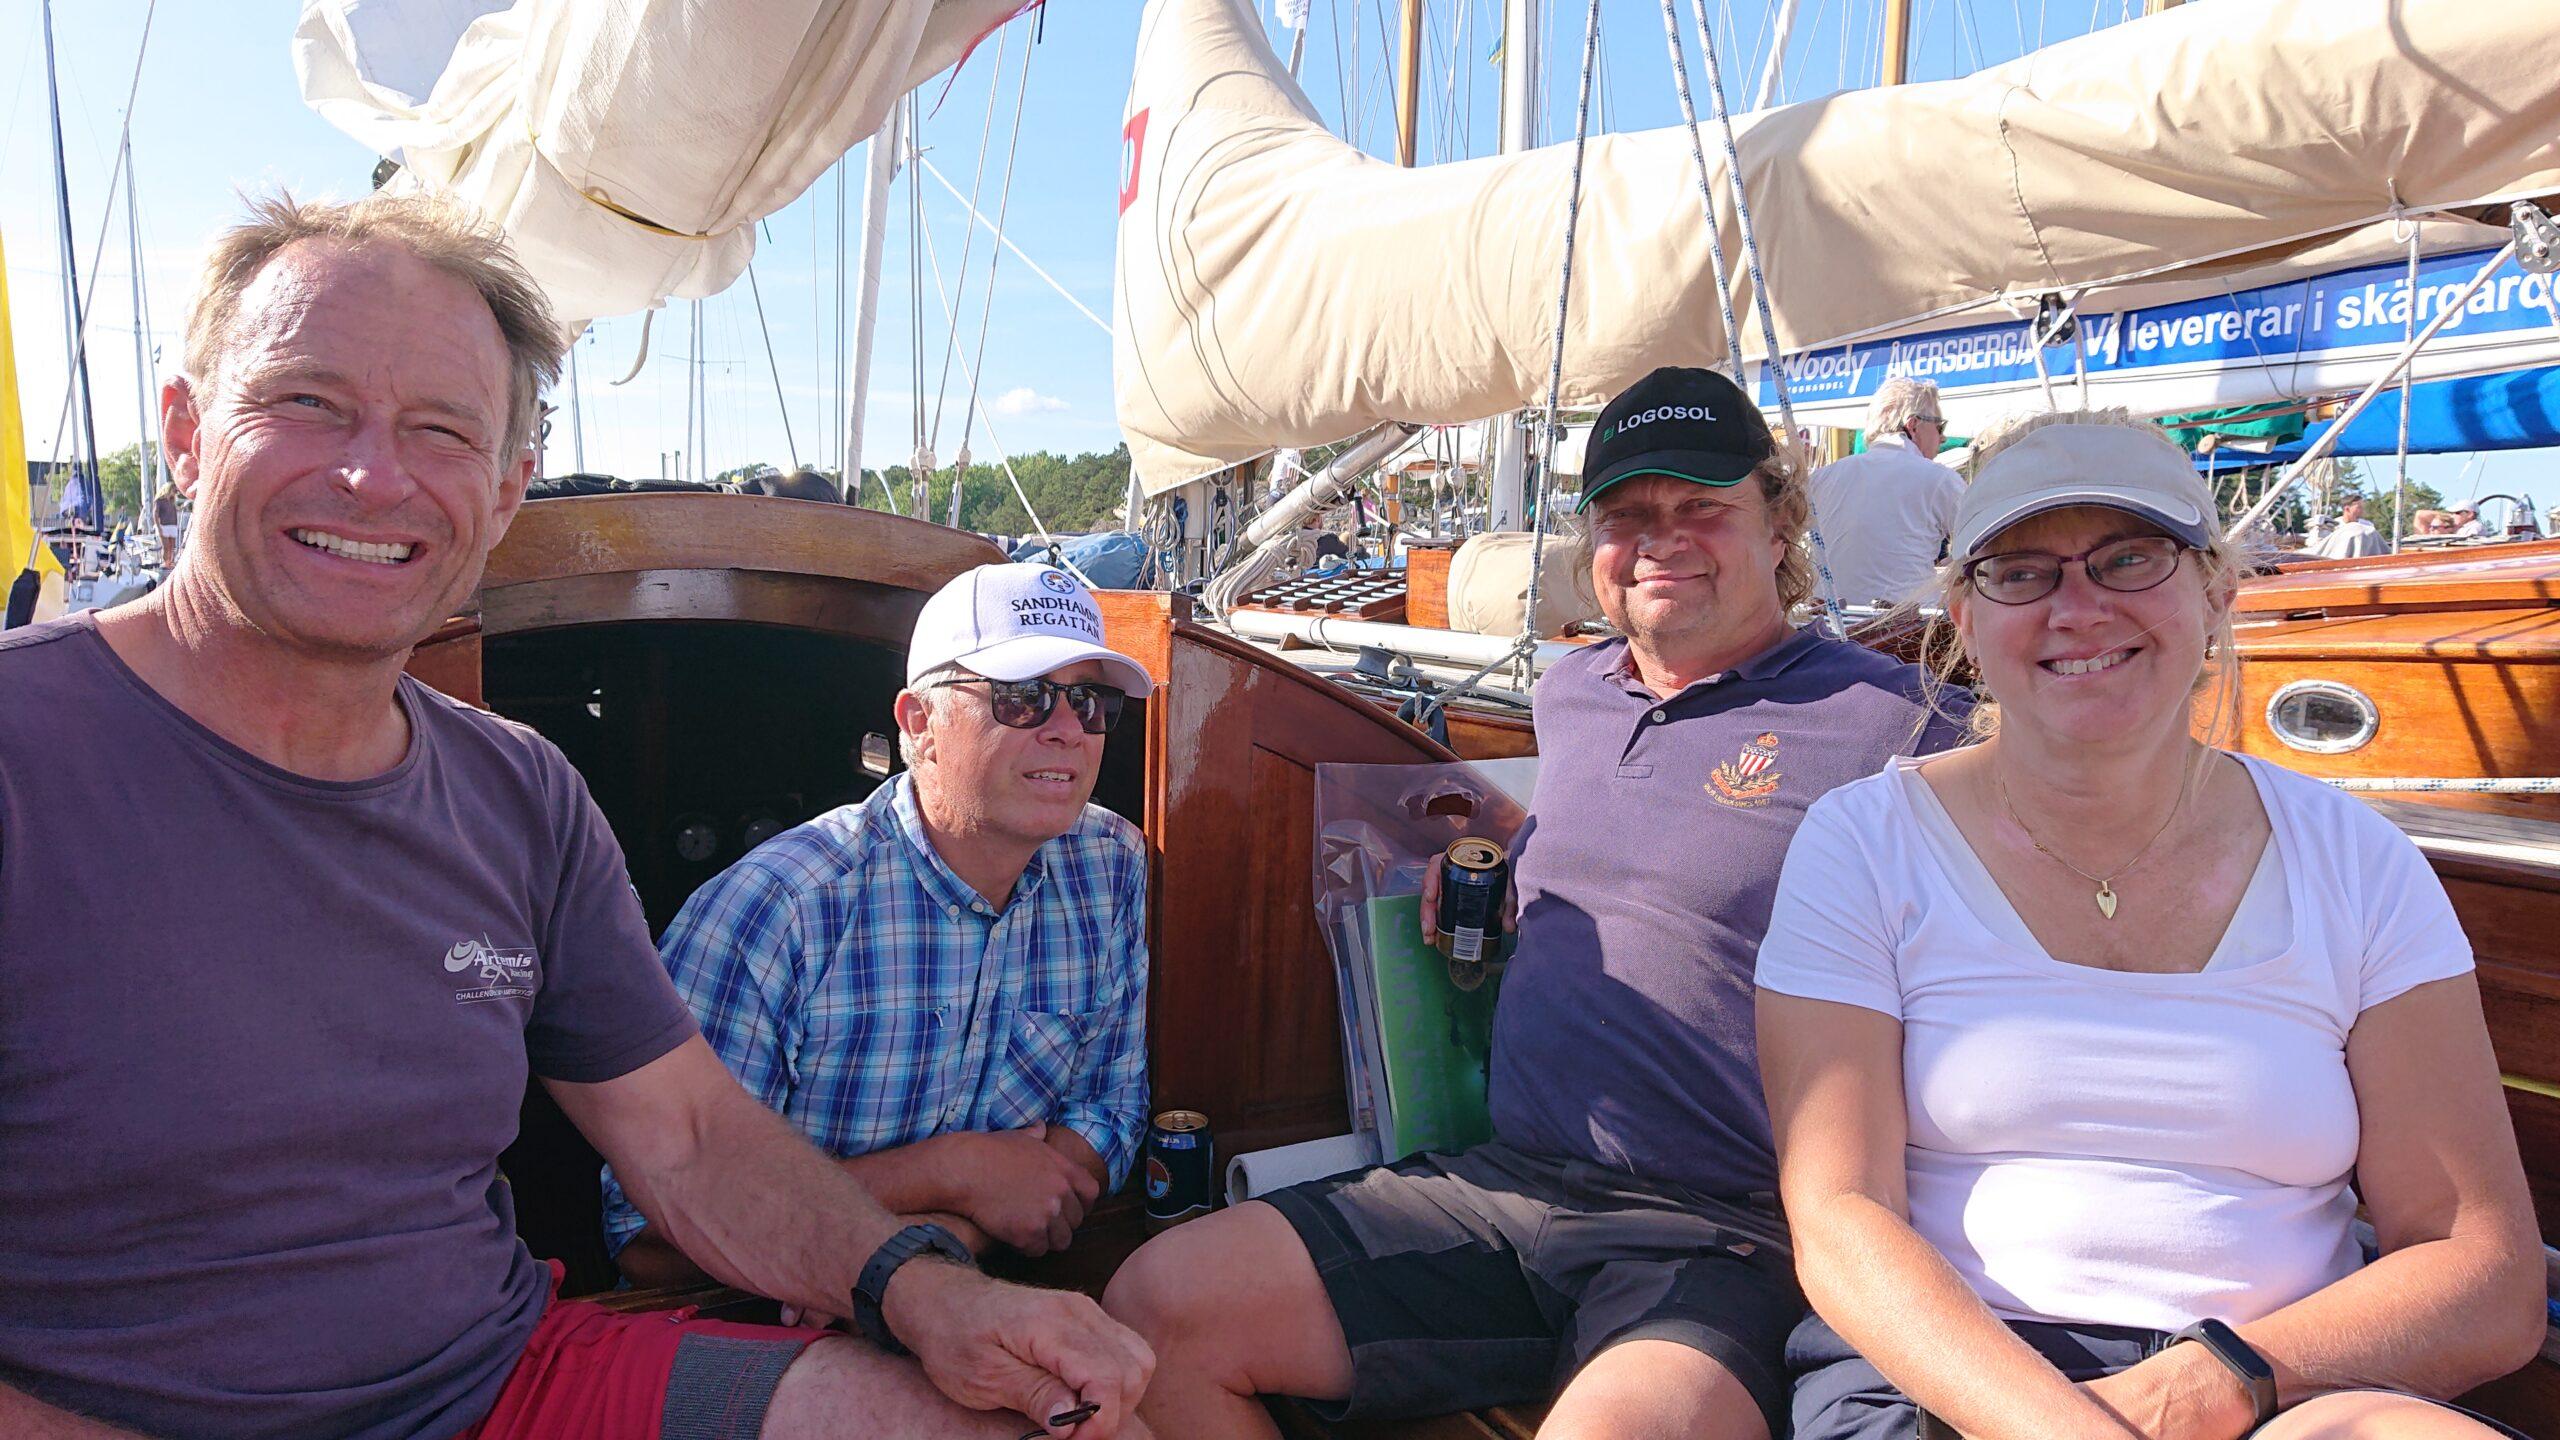 Besättningen efter seglingen, Magnus W, Joakim, PG samt Katten.   Foto ©Magnus Swahn